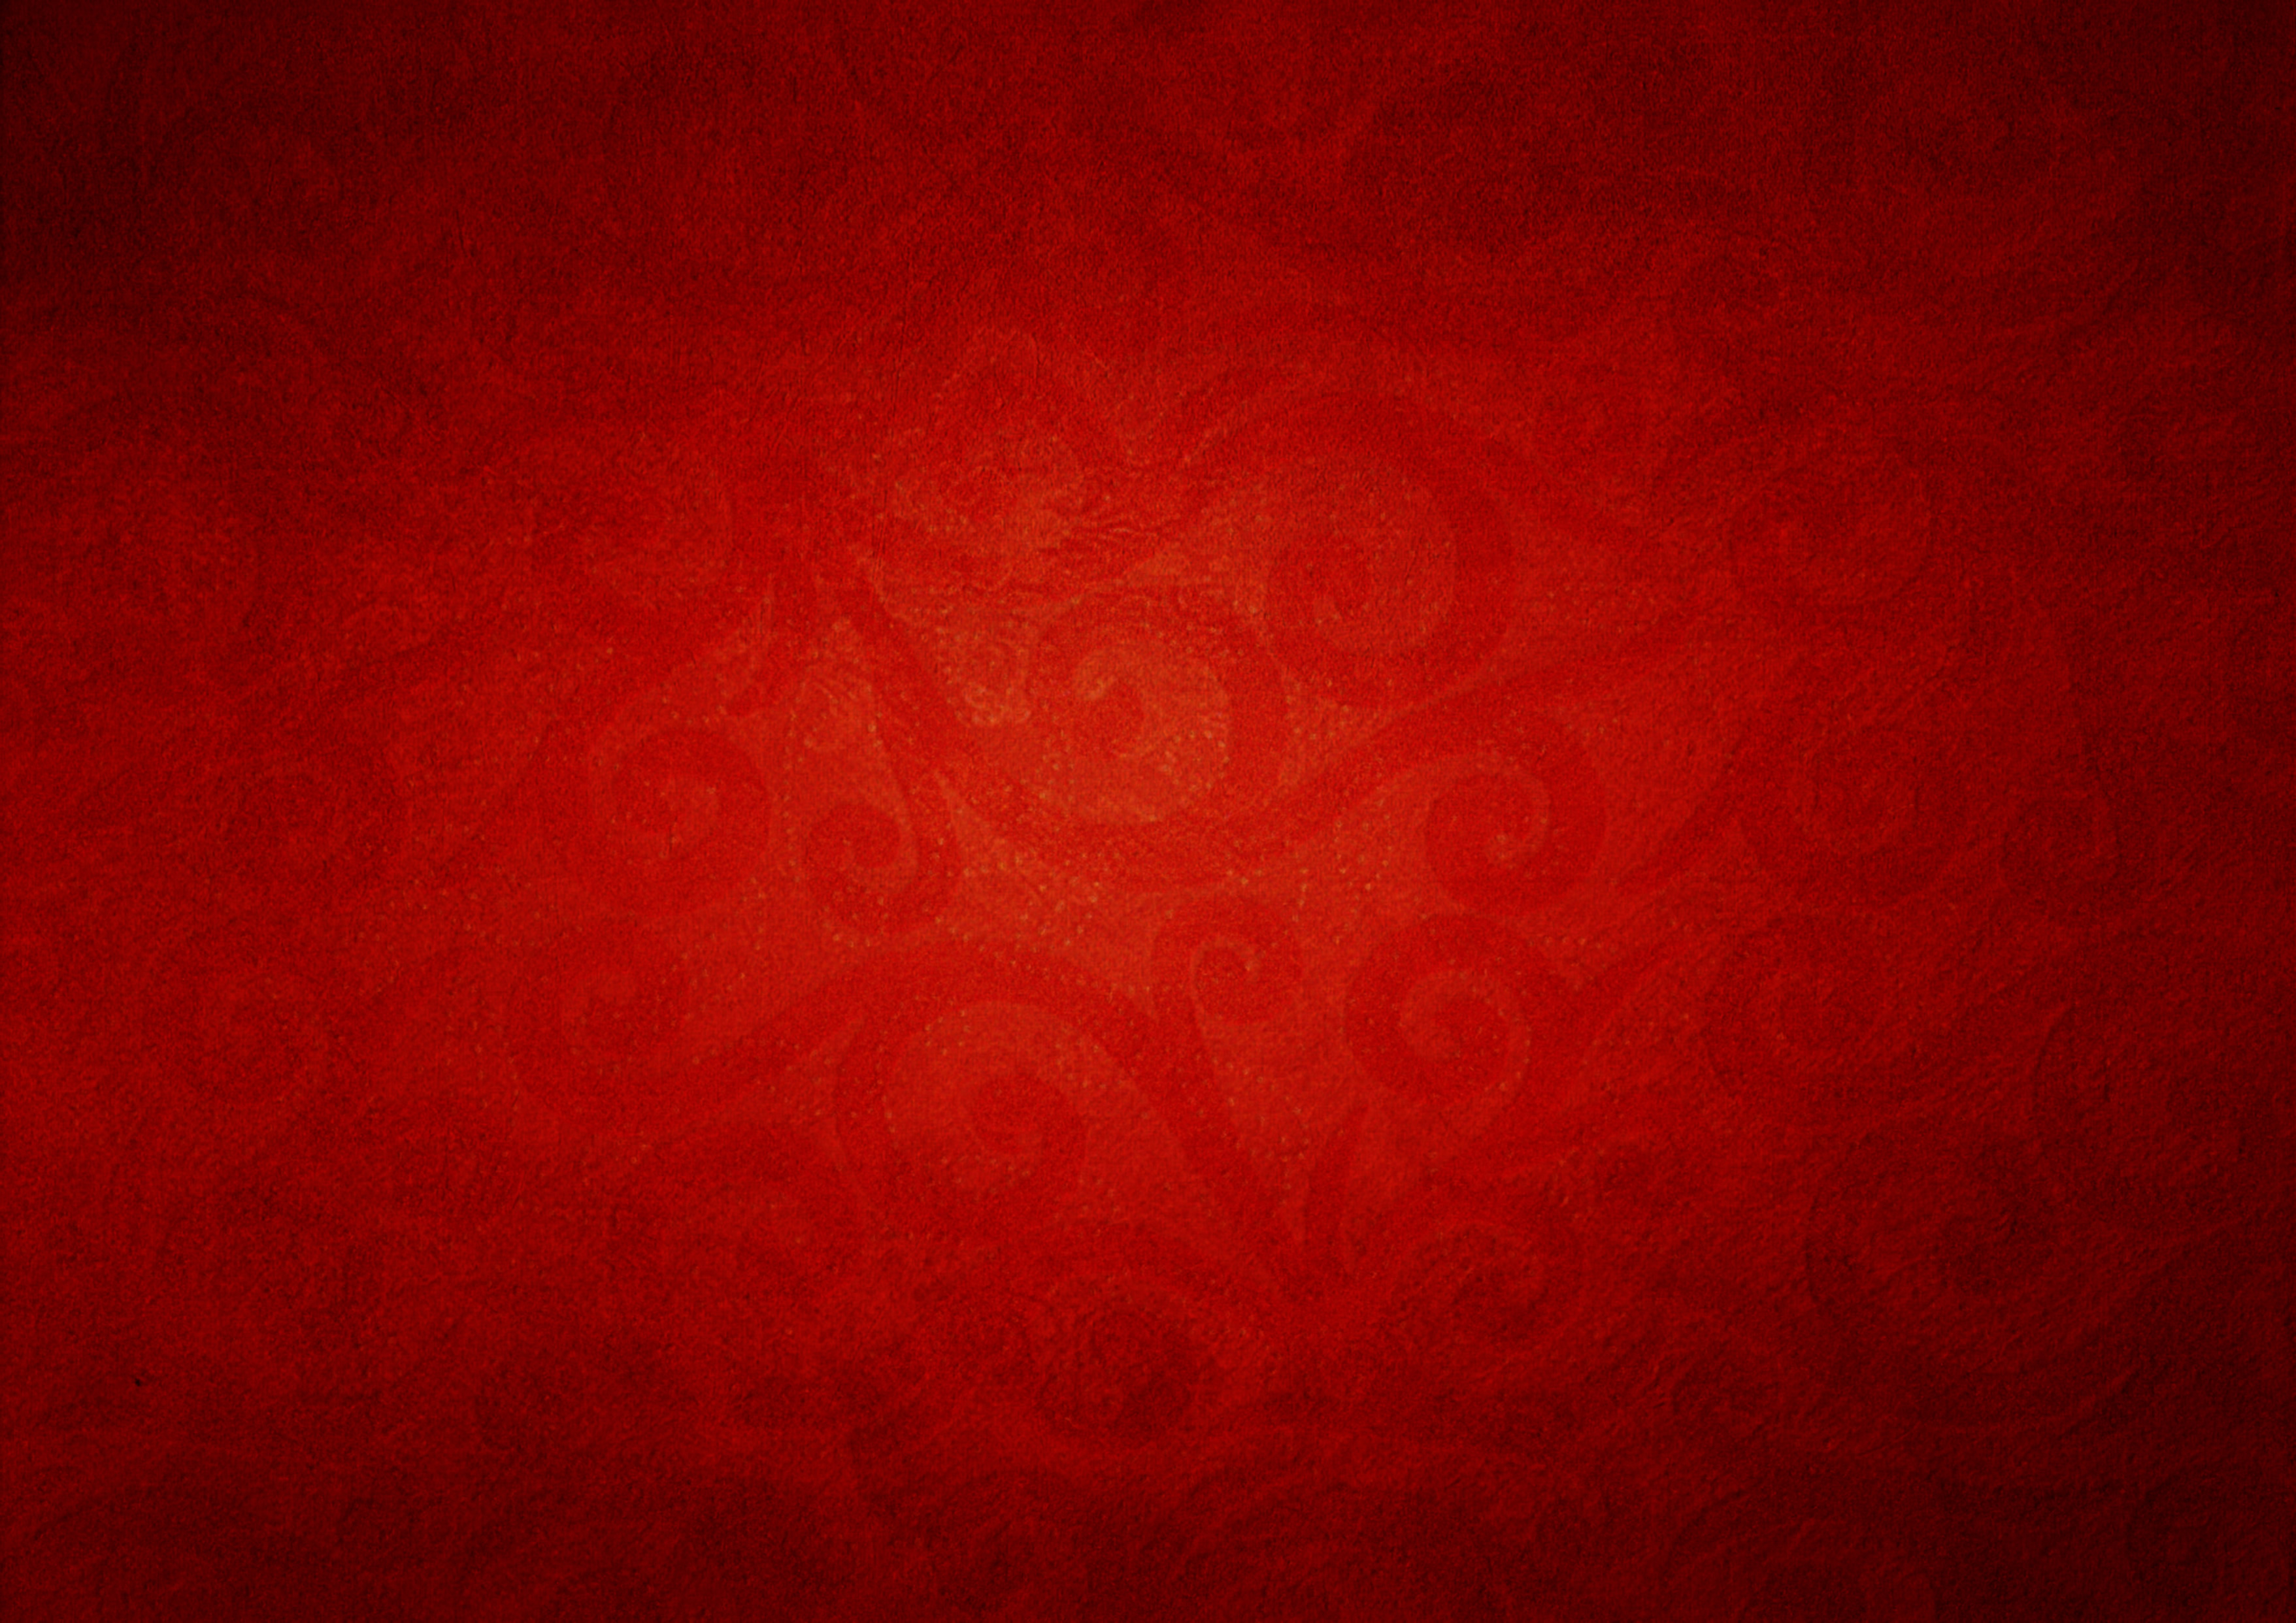 Красные фоны для открыток 676